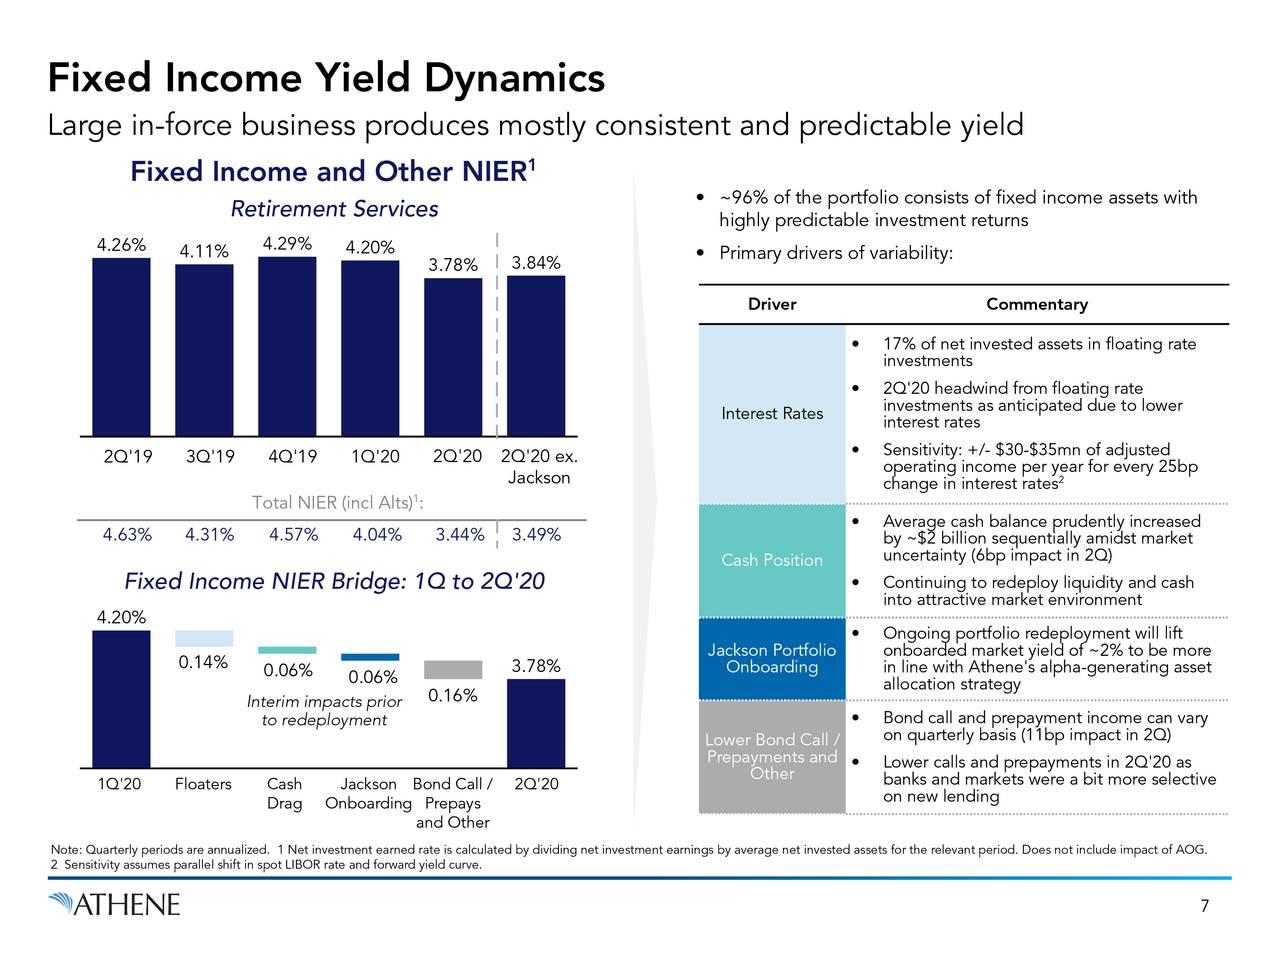 Dinámica del rendimiento de la renta fija